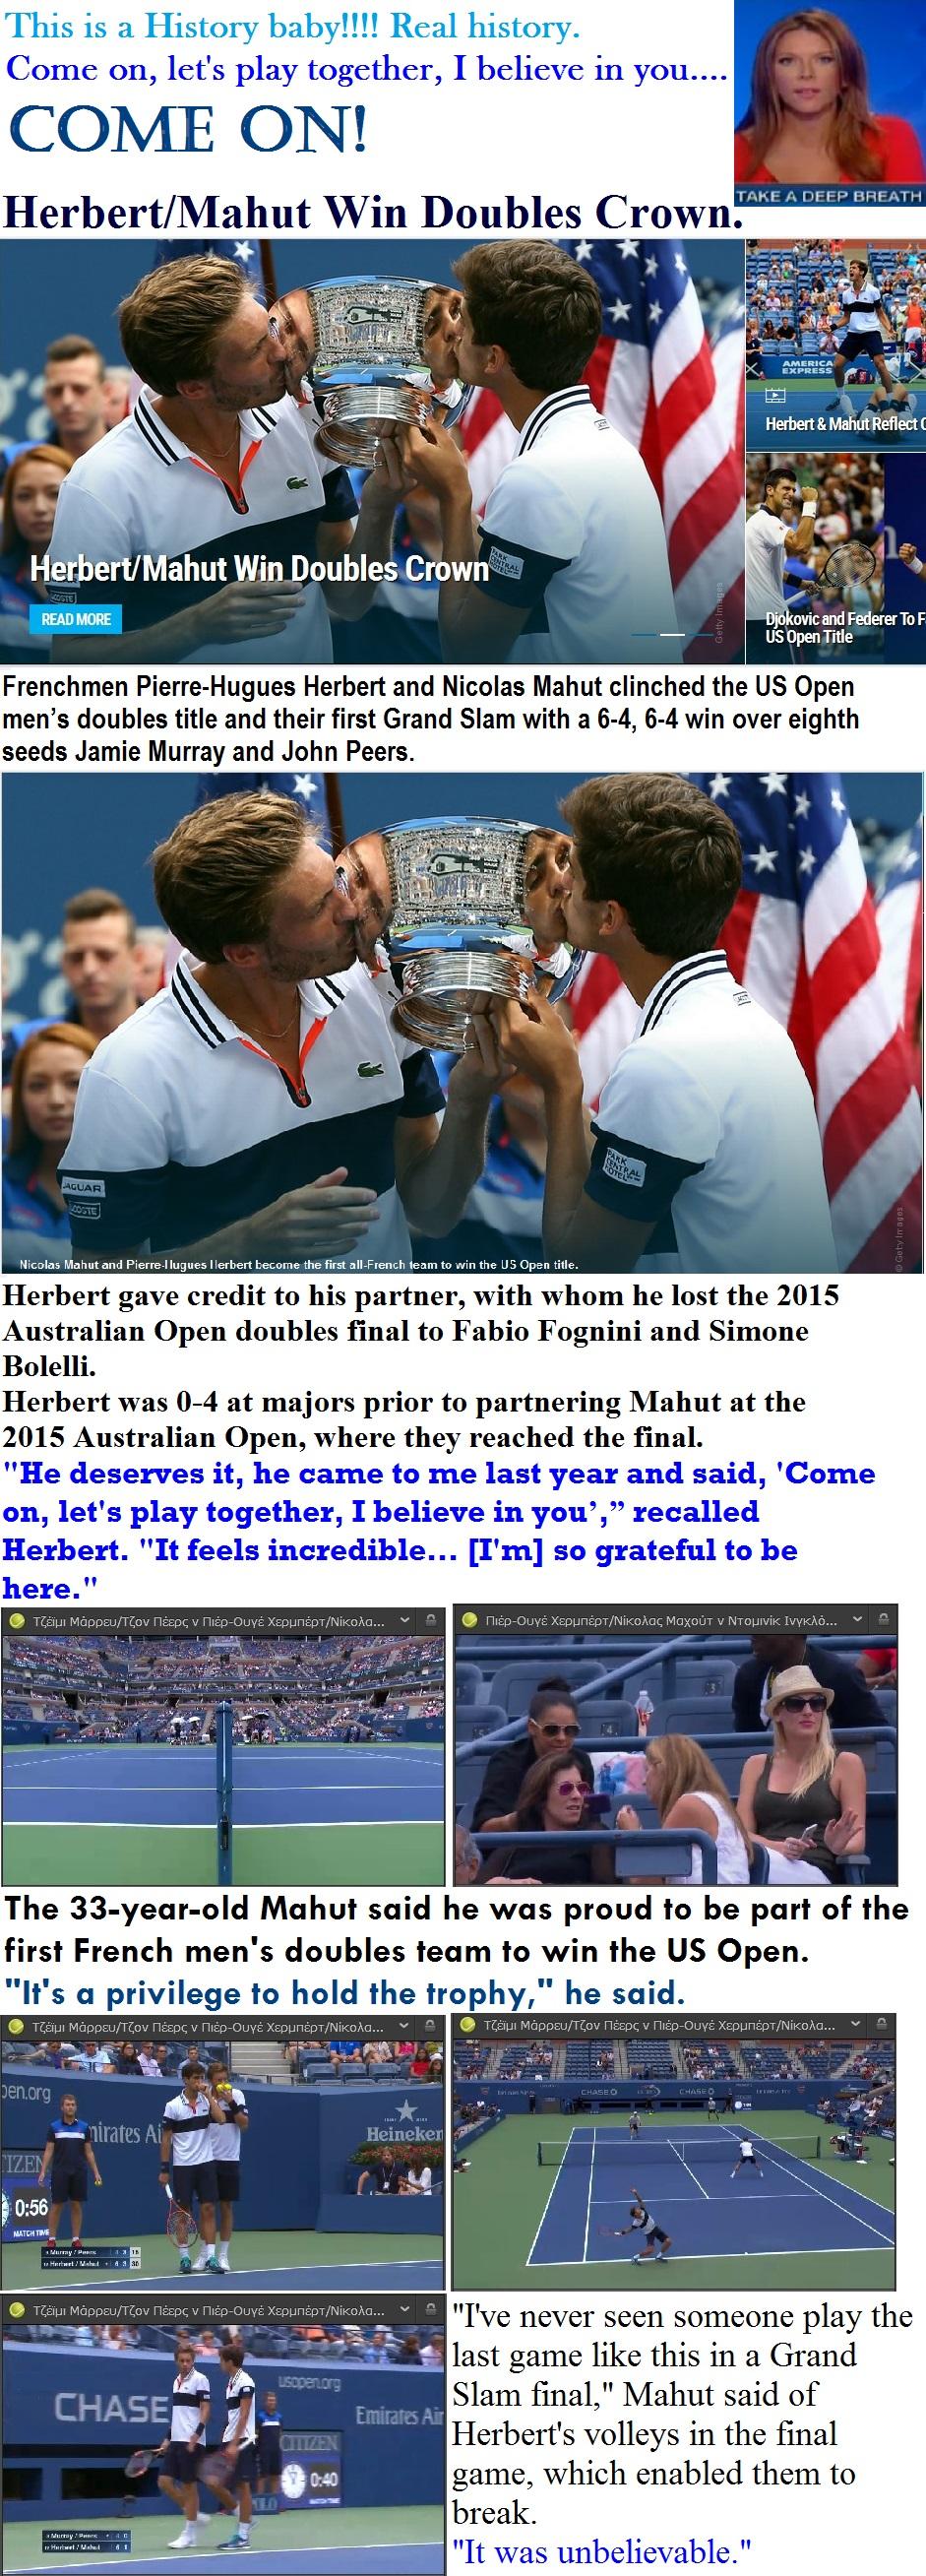 TENNIS USA GRAND SLAM OPEN US HERBERT - MAHUT WIN DOUBLES FINAL 15 130915